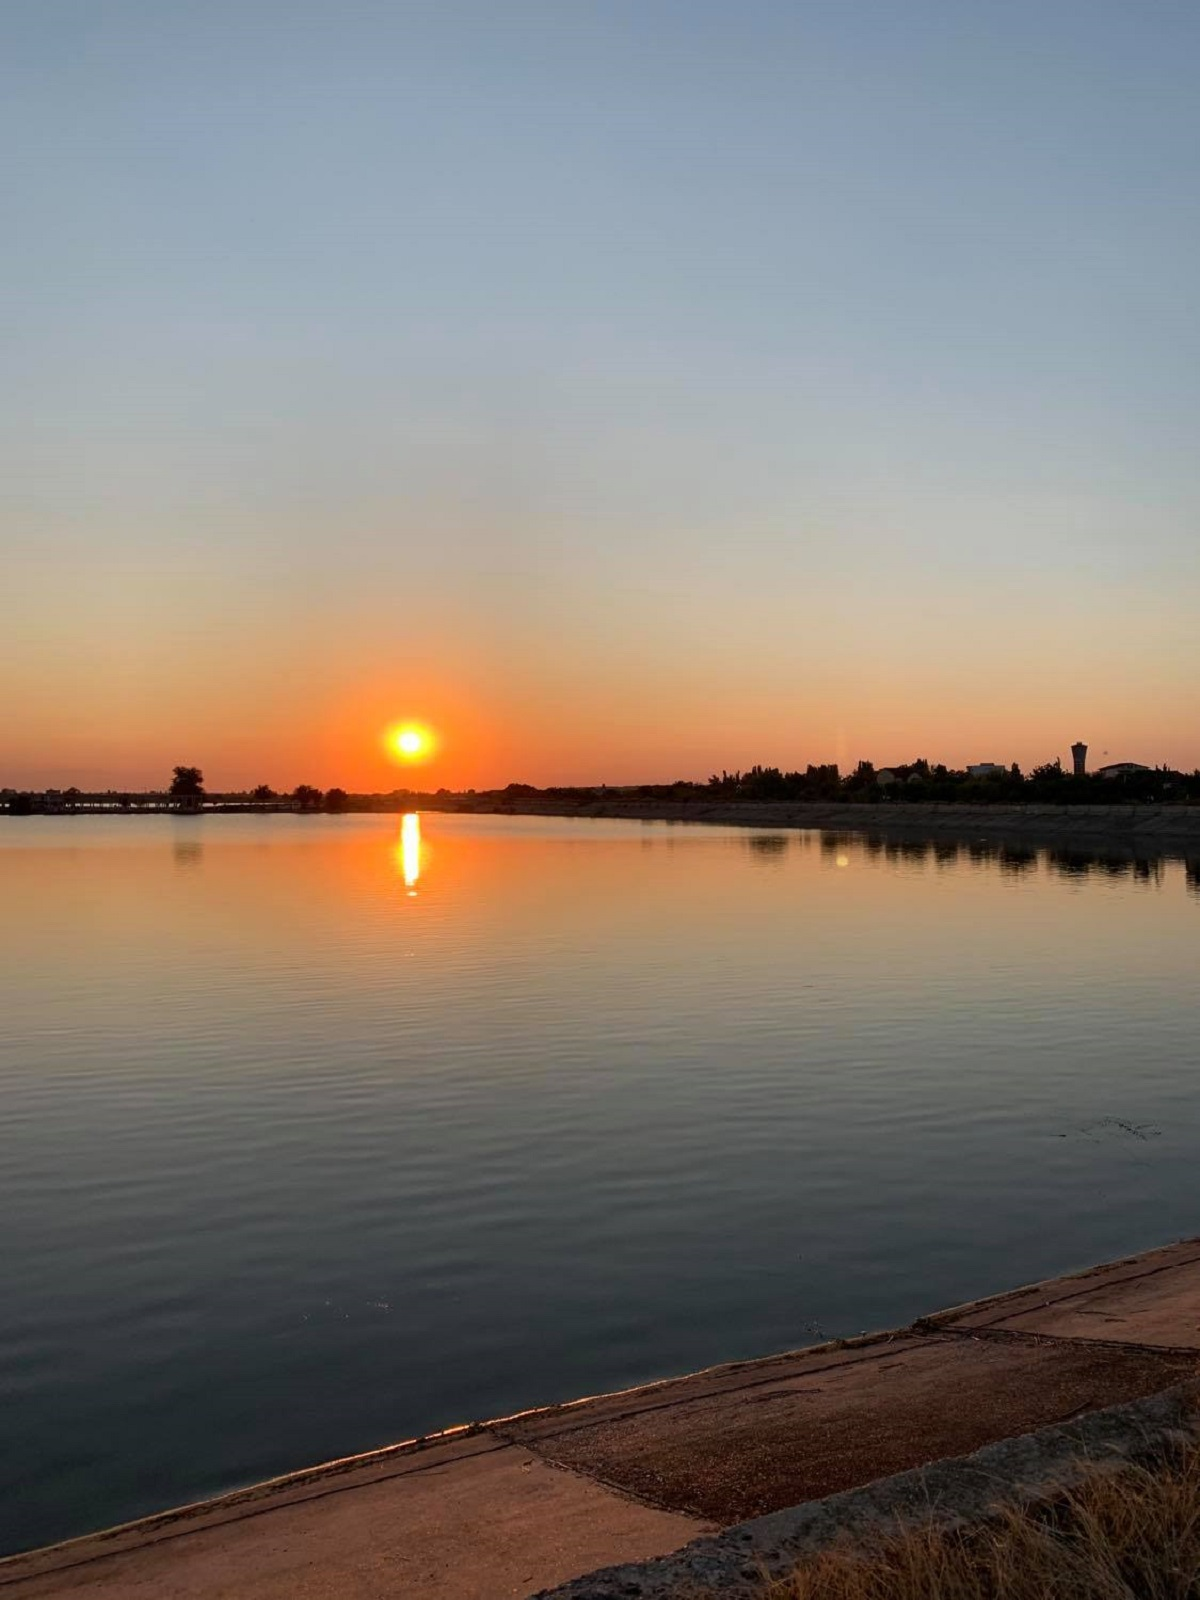 Începe amenajarea digului Lacului Morii. Locul unde bucureștenii văd cel mai frumos apus